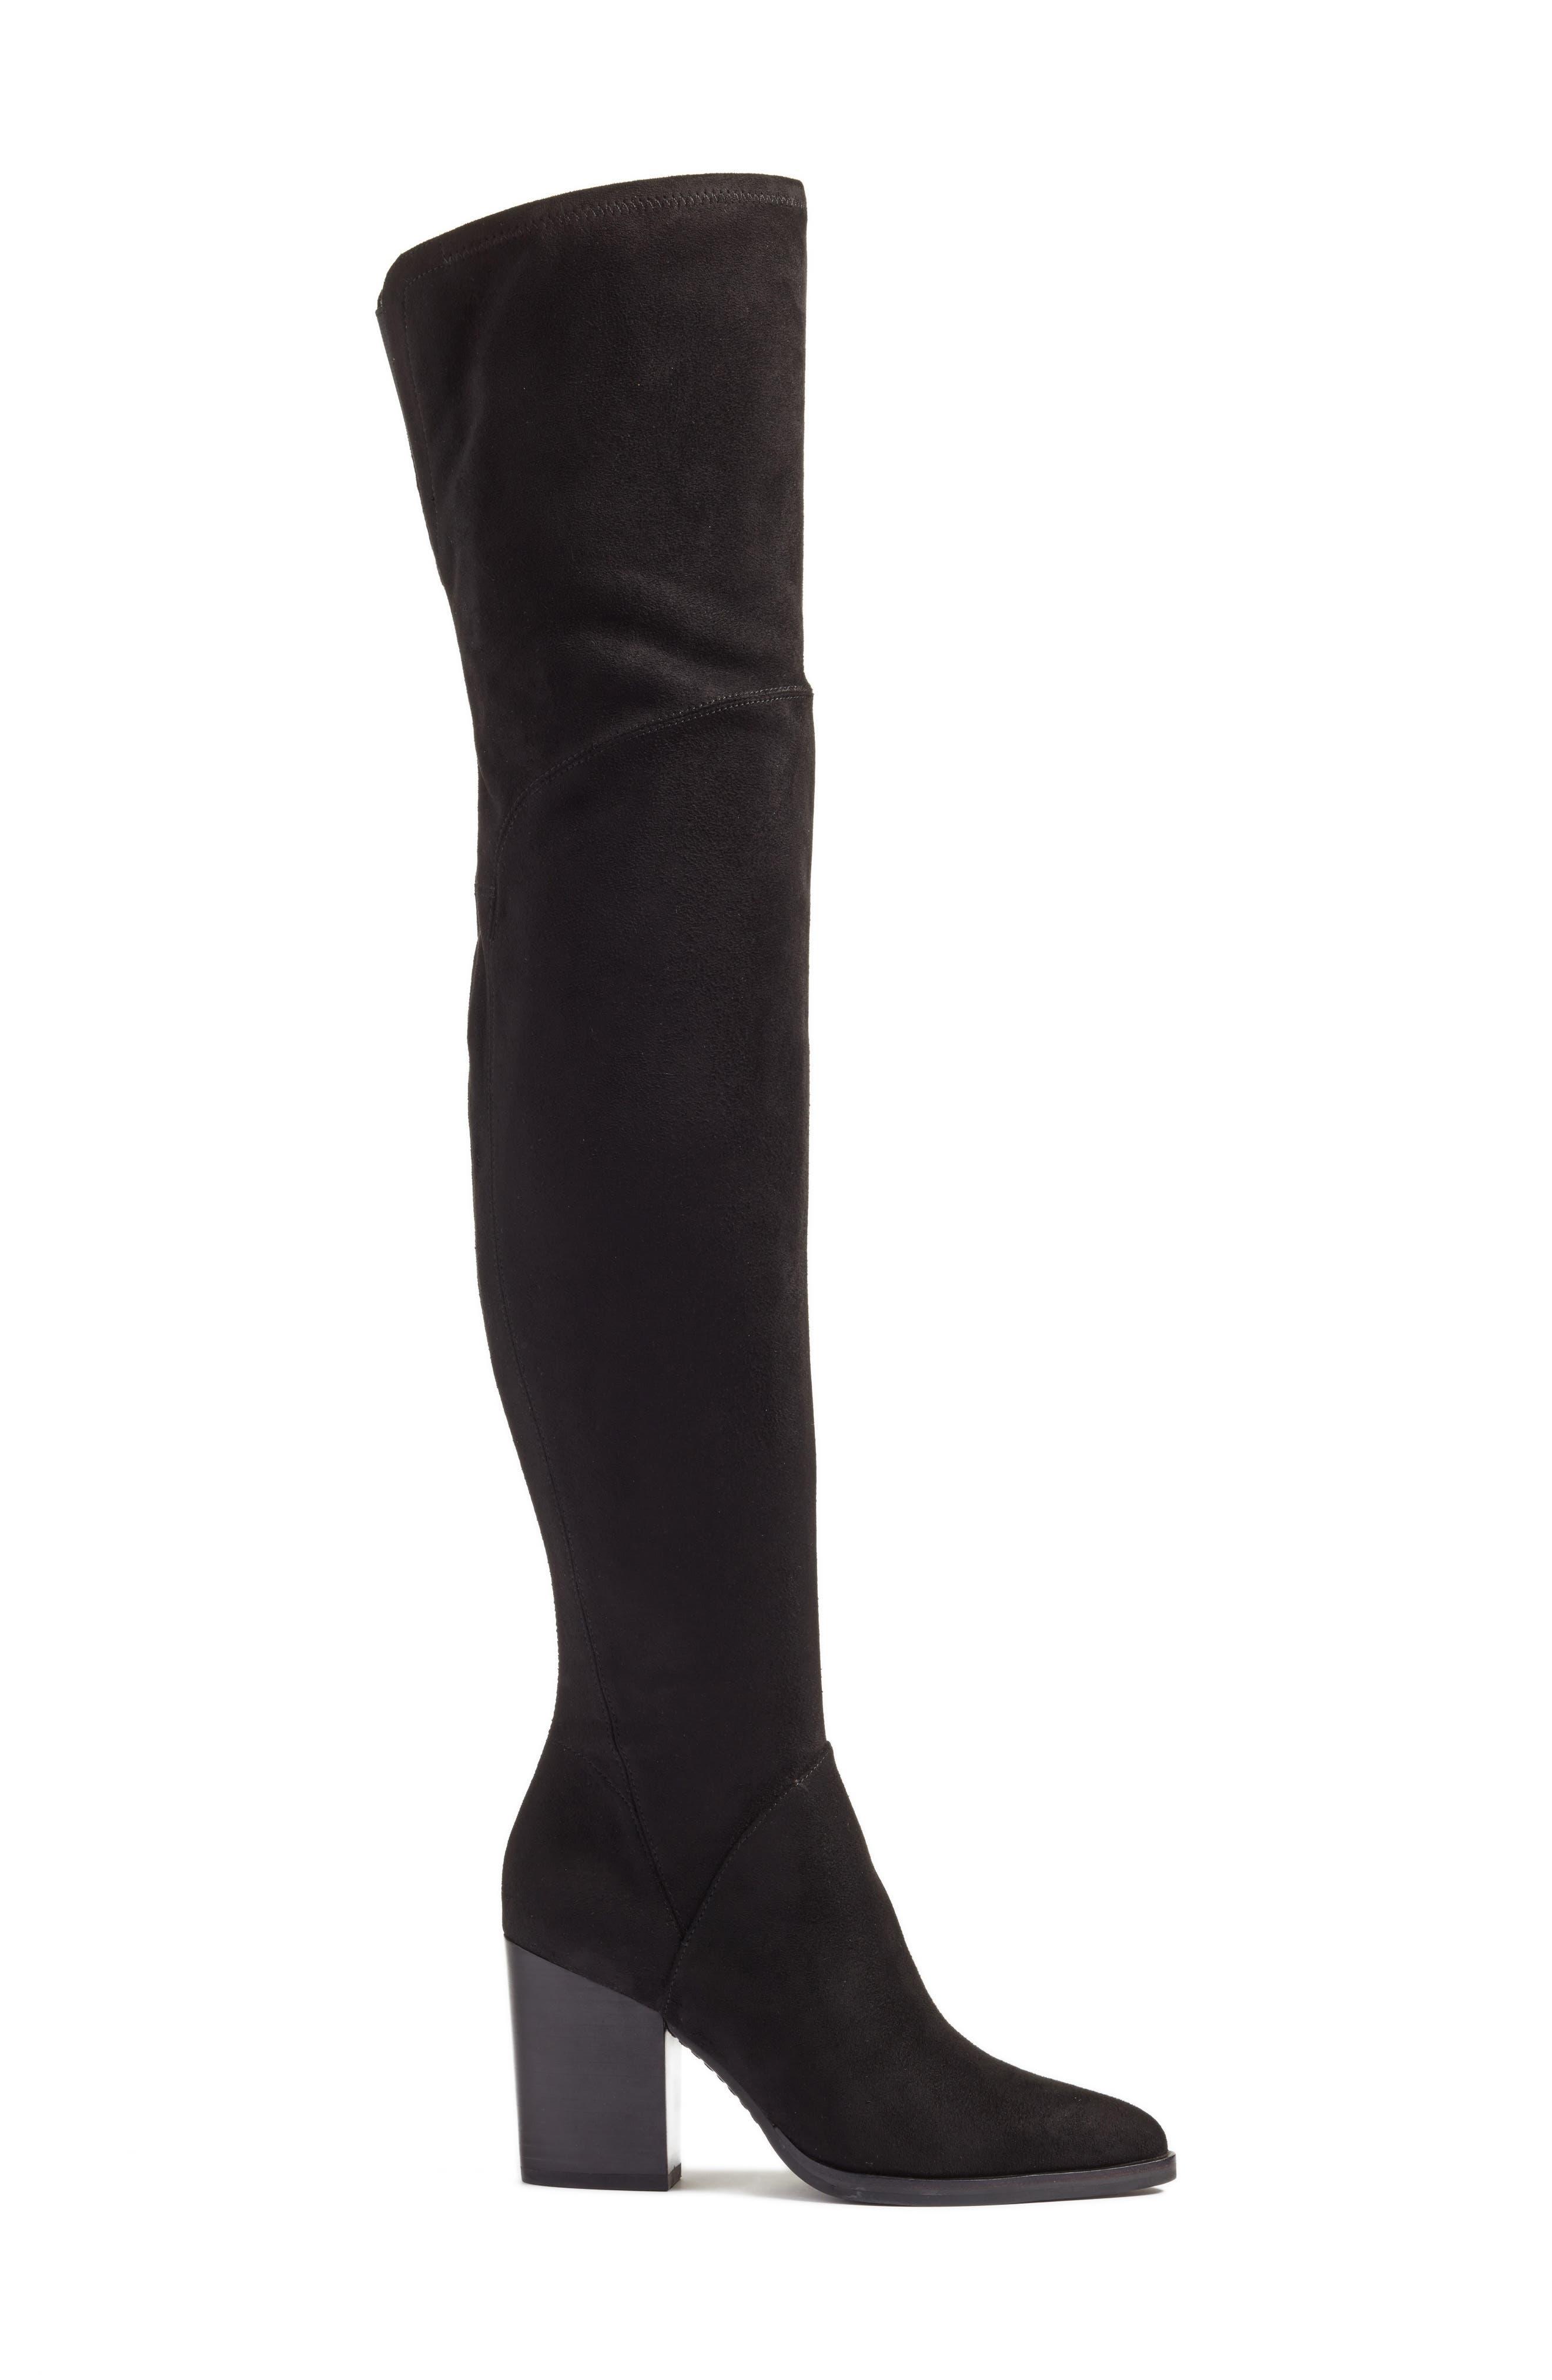 Alternate Image 3  - Marc Fisher LTD Arrine Over the Knee Boot (Women)